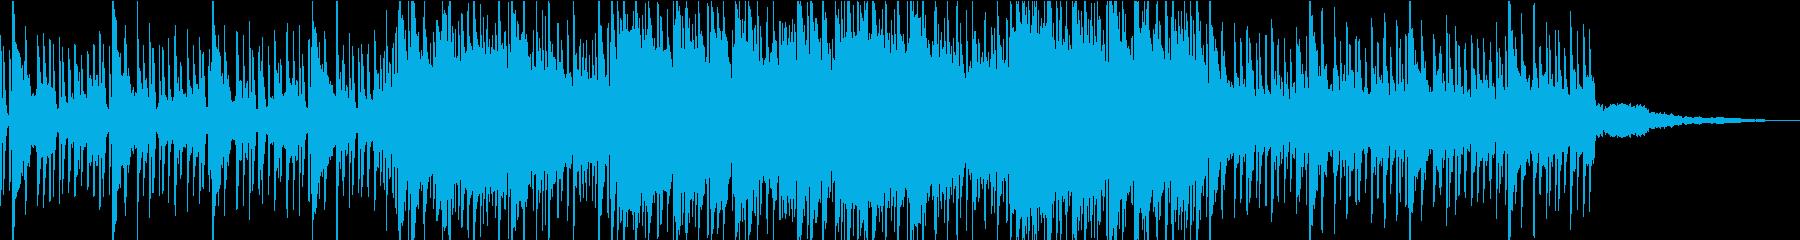 短いchilloutスローシンセポップ系の再生済みの波形